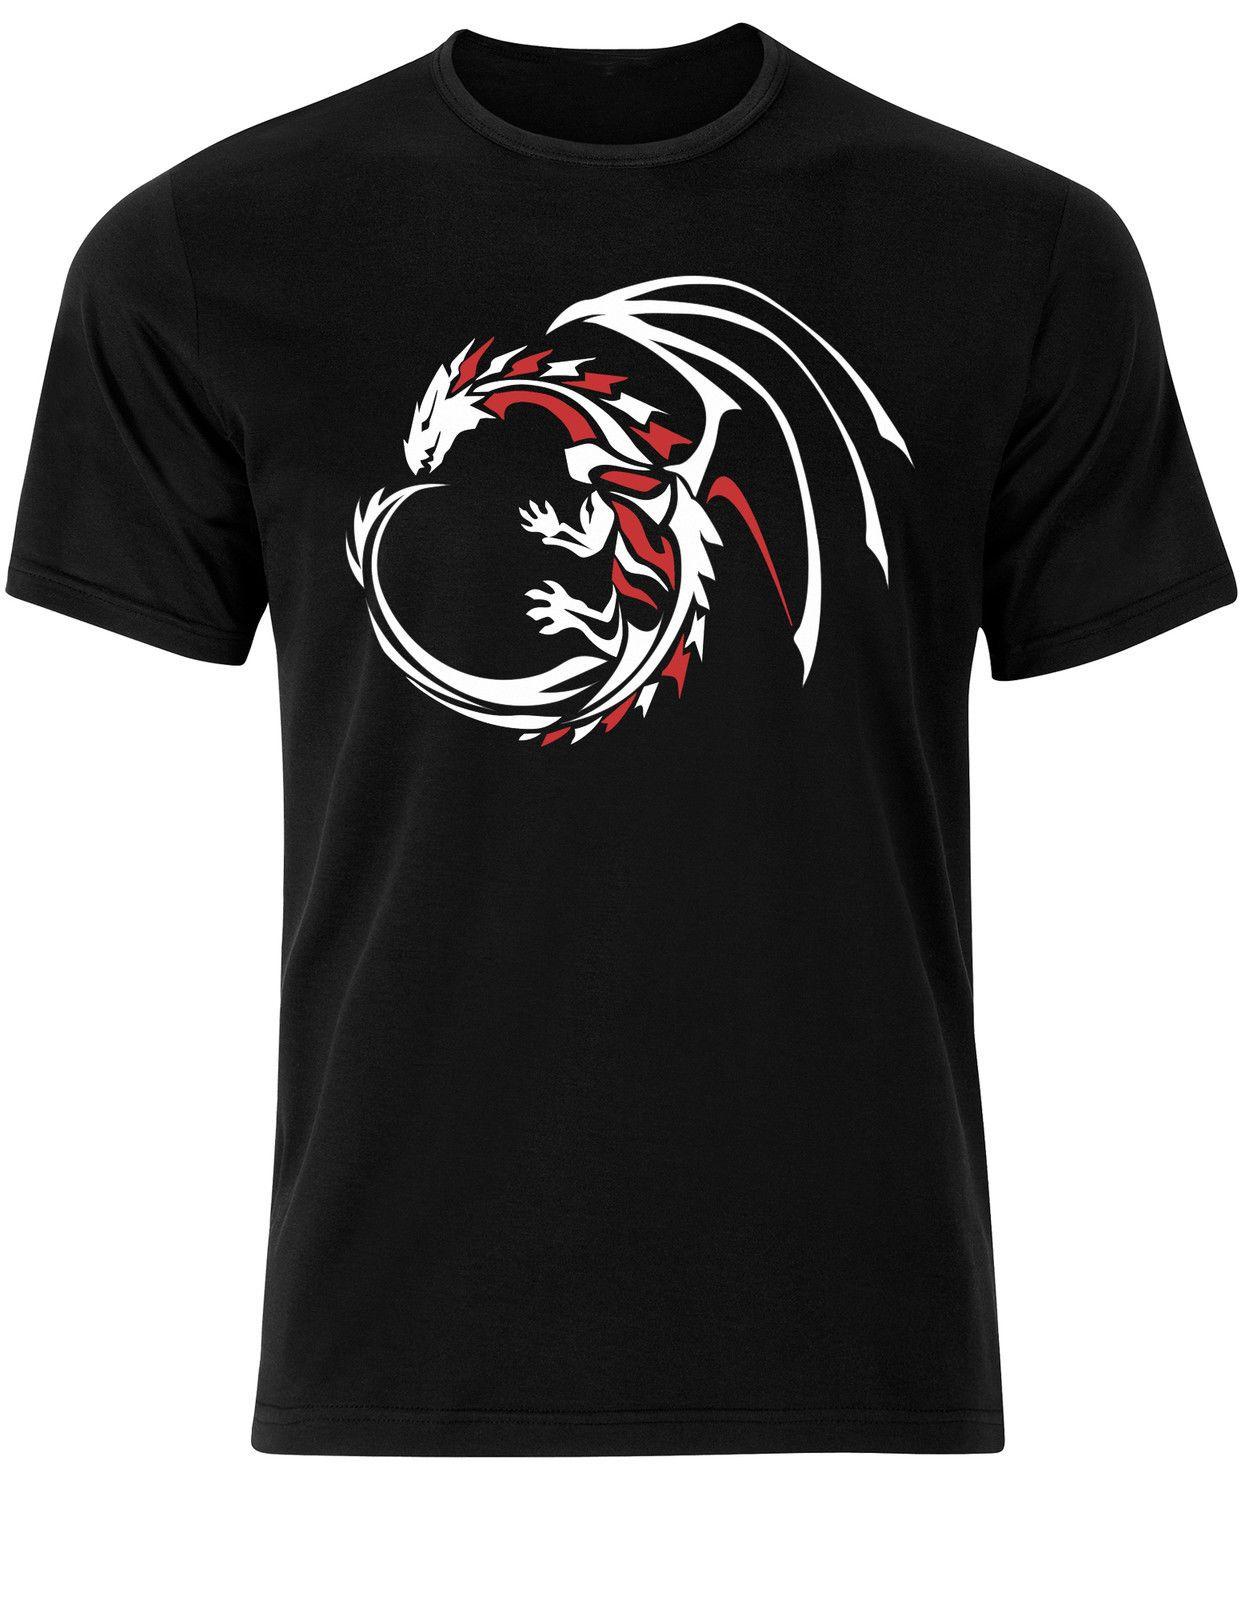 1f6c31356142 Tribal Dragon Drake Wyrm Tattoo Design Mens Tshirt Tee Top AE62 Cartoon T  Shirt Men Unisex New Fashion Tshirt Loose Clever Tee Shirts Now T Shirts  From ...